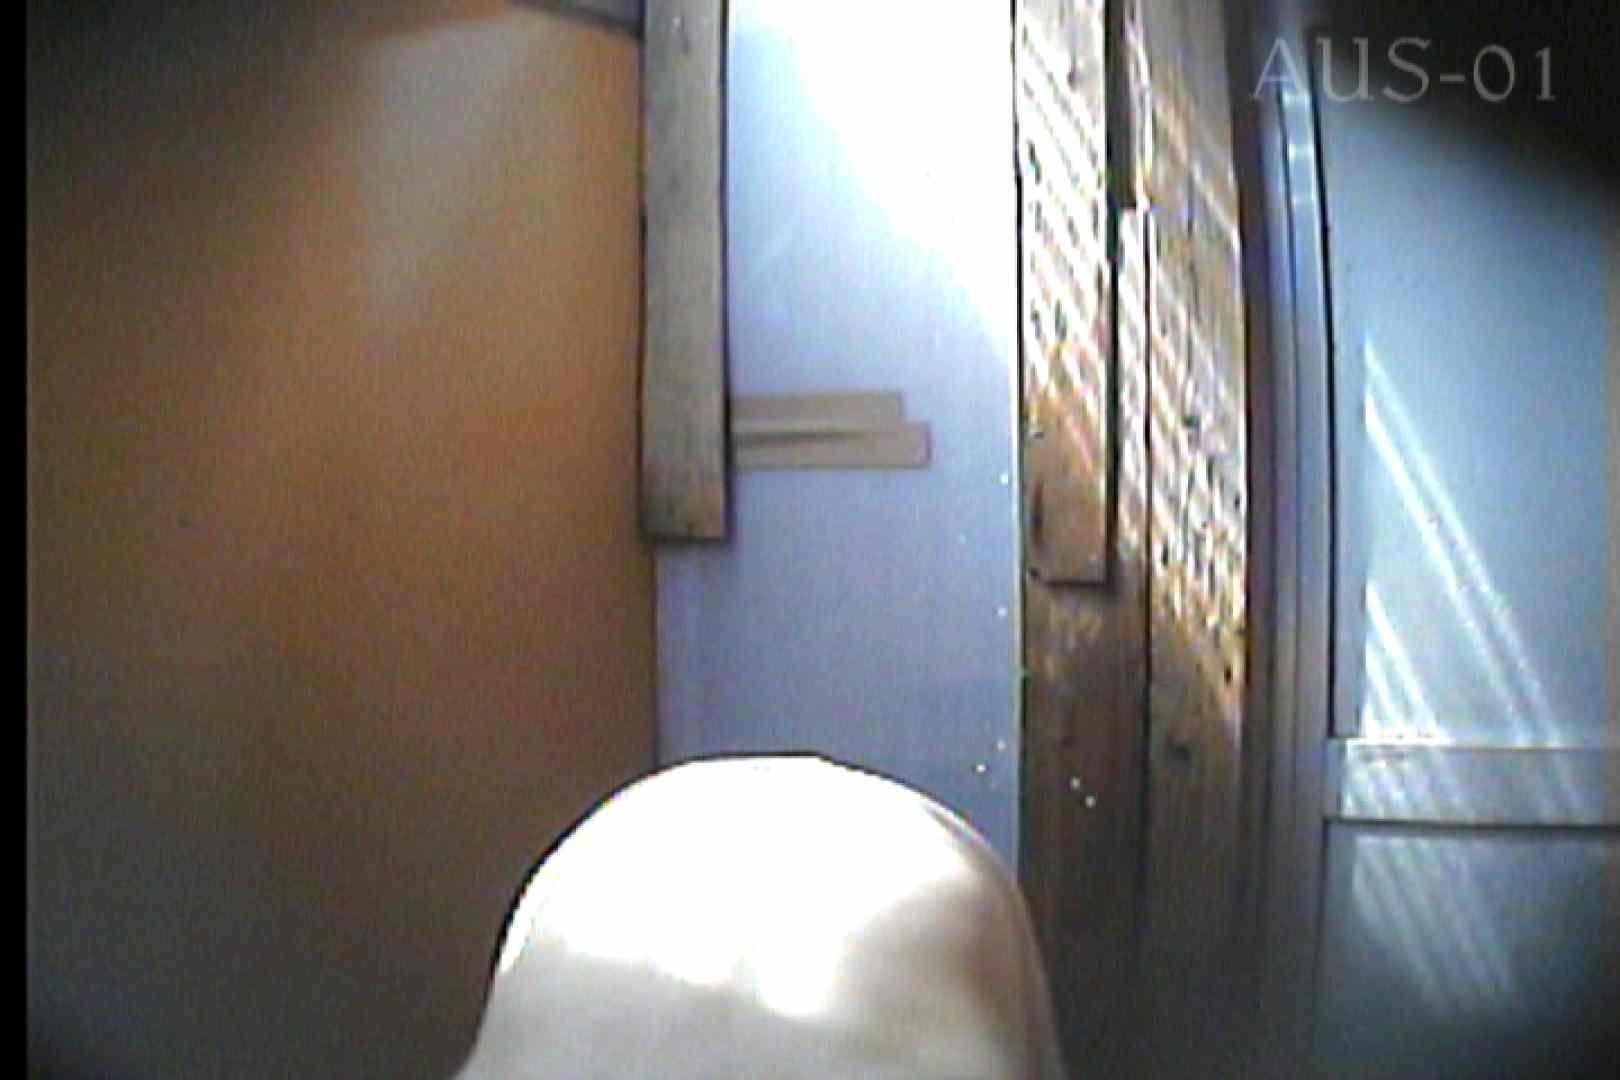 海の家の更衣室 Vol.02 OLの実態  70pic 66